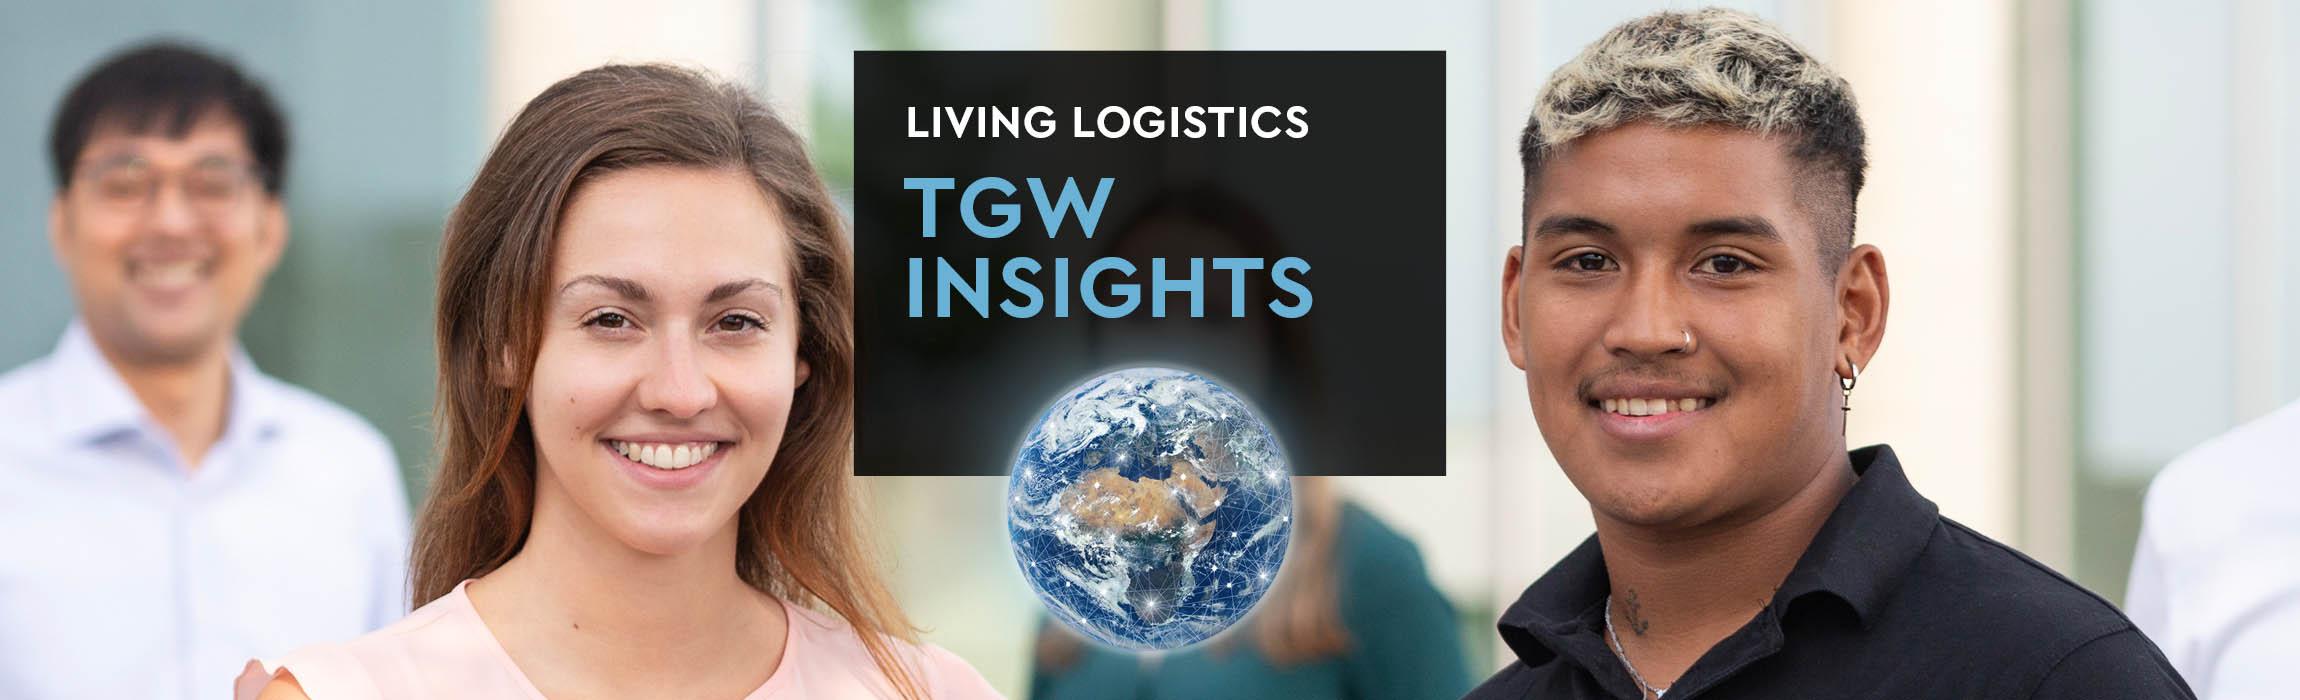 Einige unserer Mitarbeiter erzählen von ihrem Job und ihren persönlichen Erfahrungen an den internationalen Standorten von TGW.